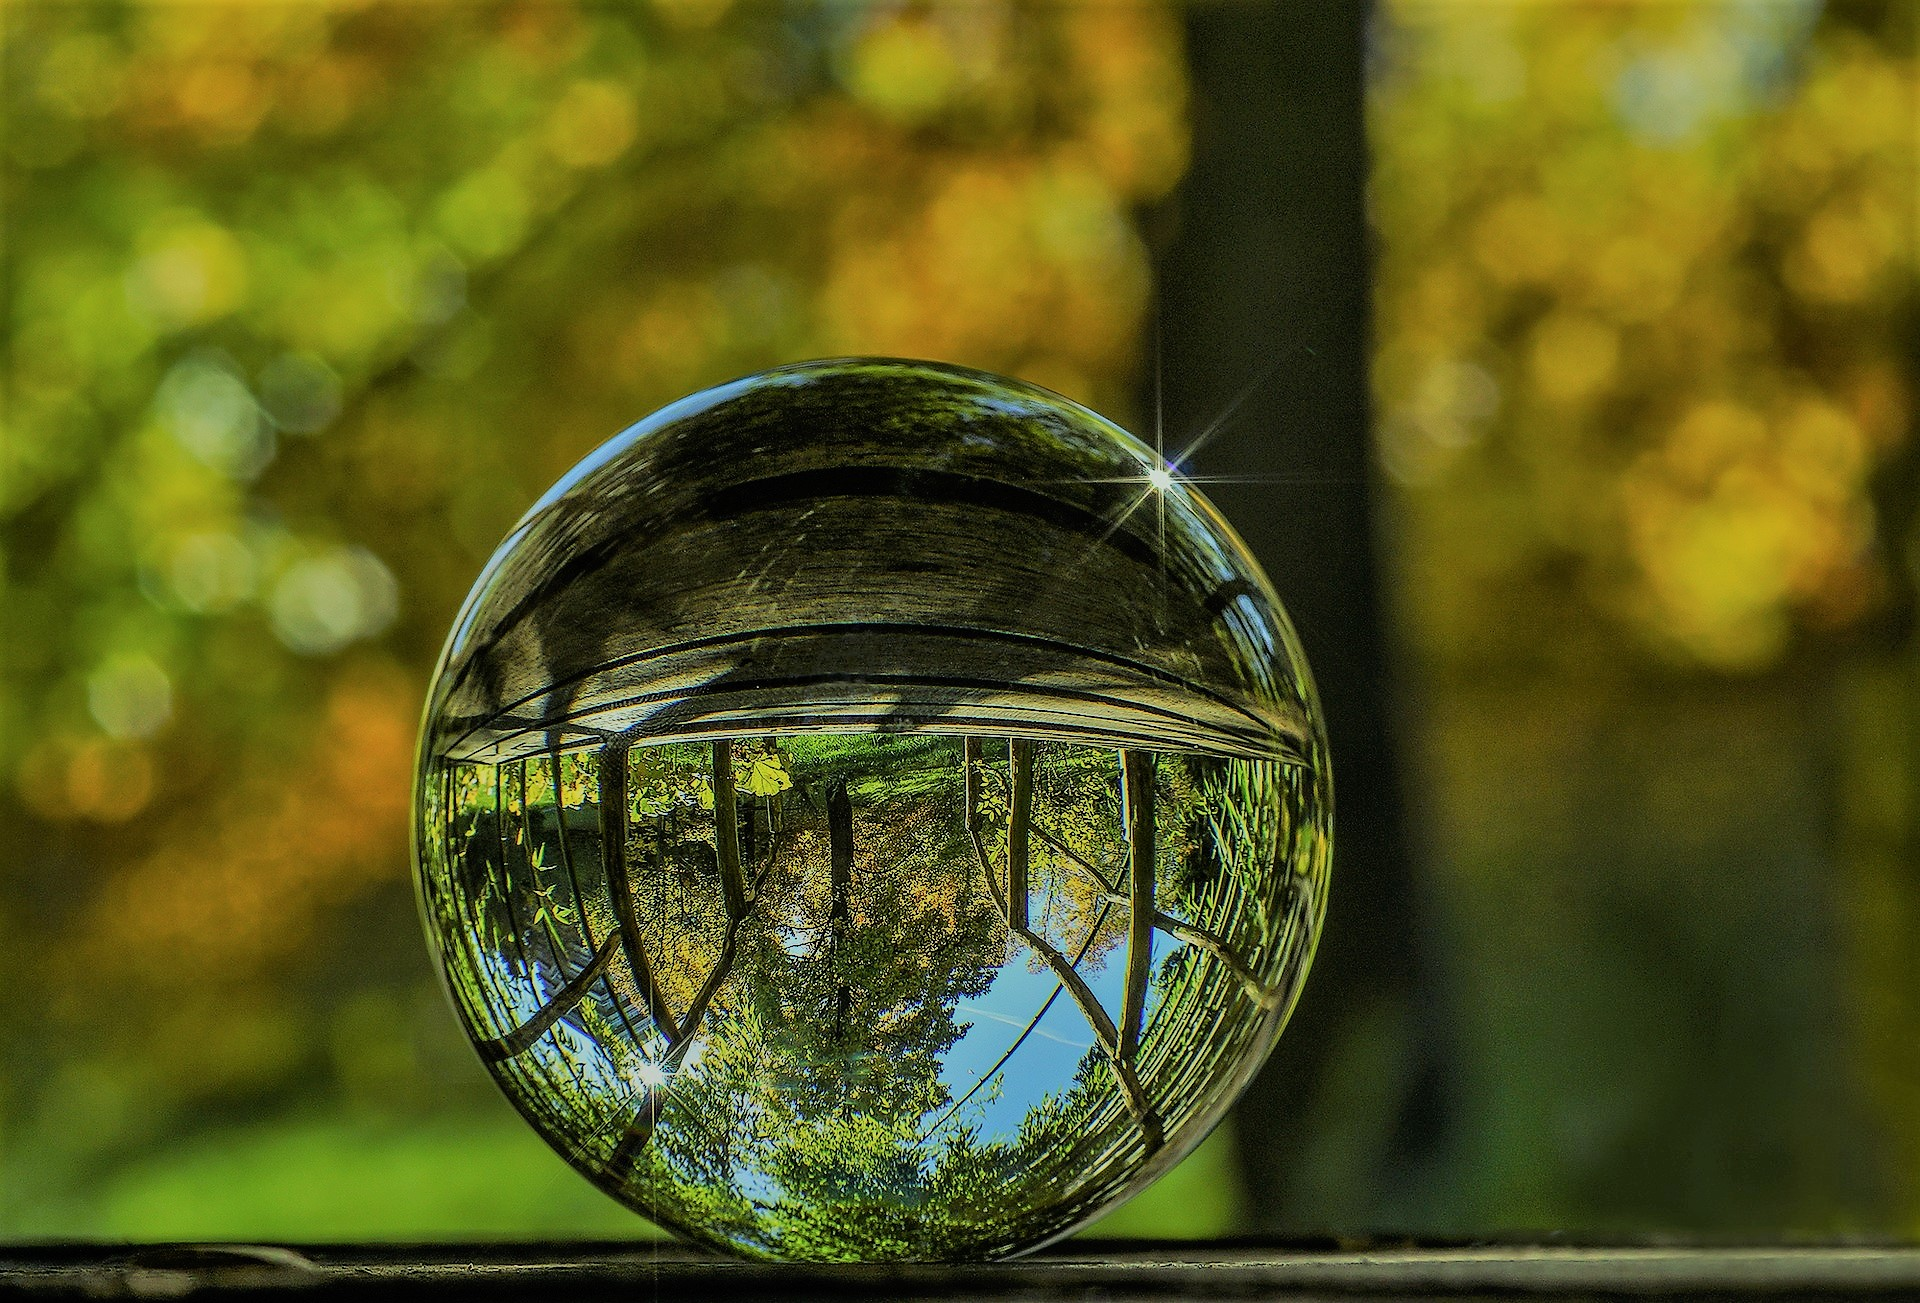 glass-ball-2235129_1920